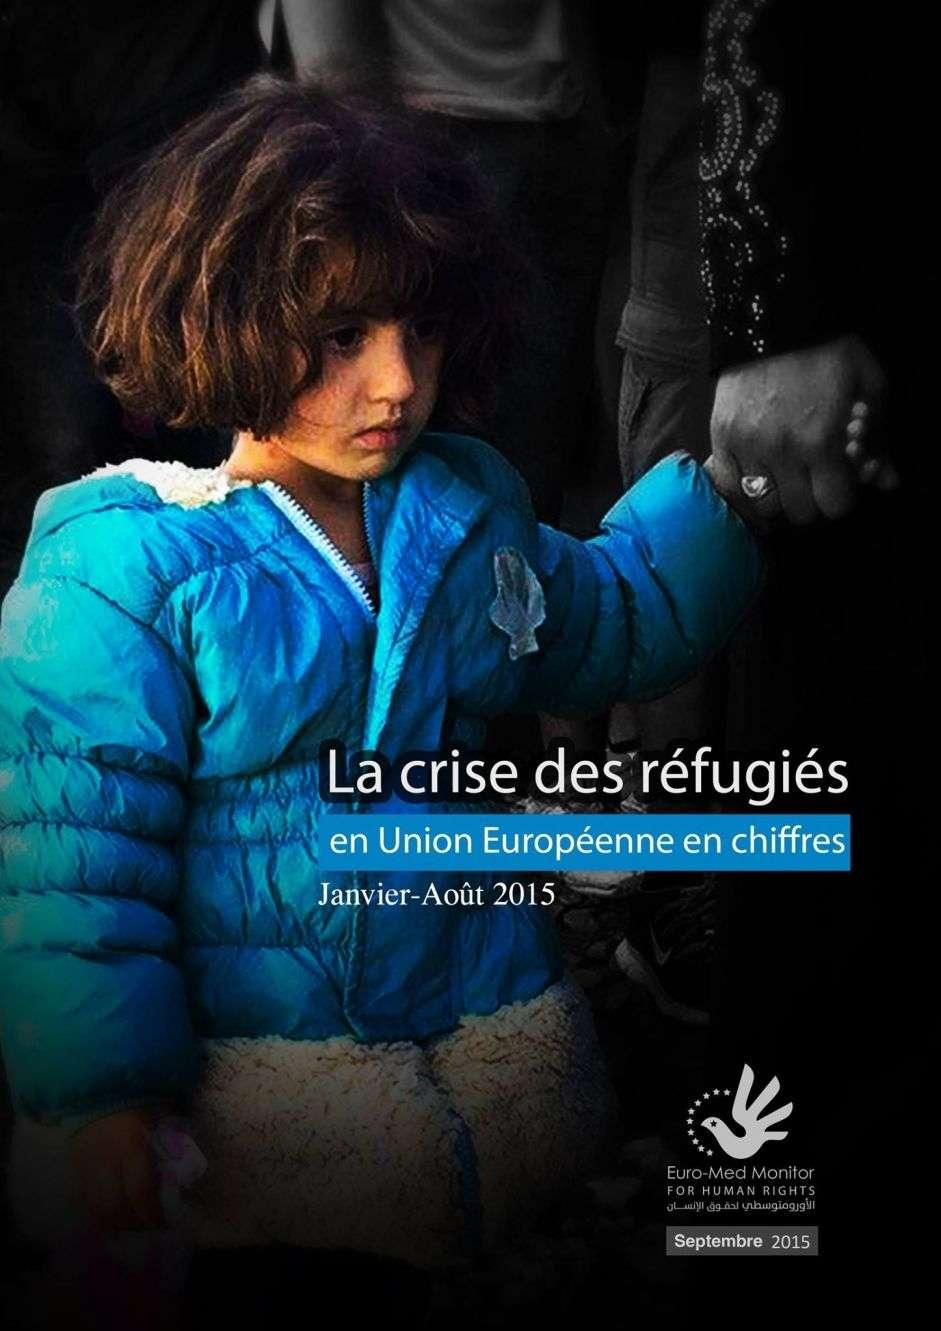 La crise des réfugiés en Union Européenne en chiffres